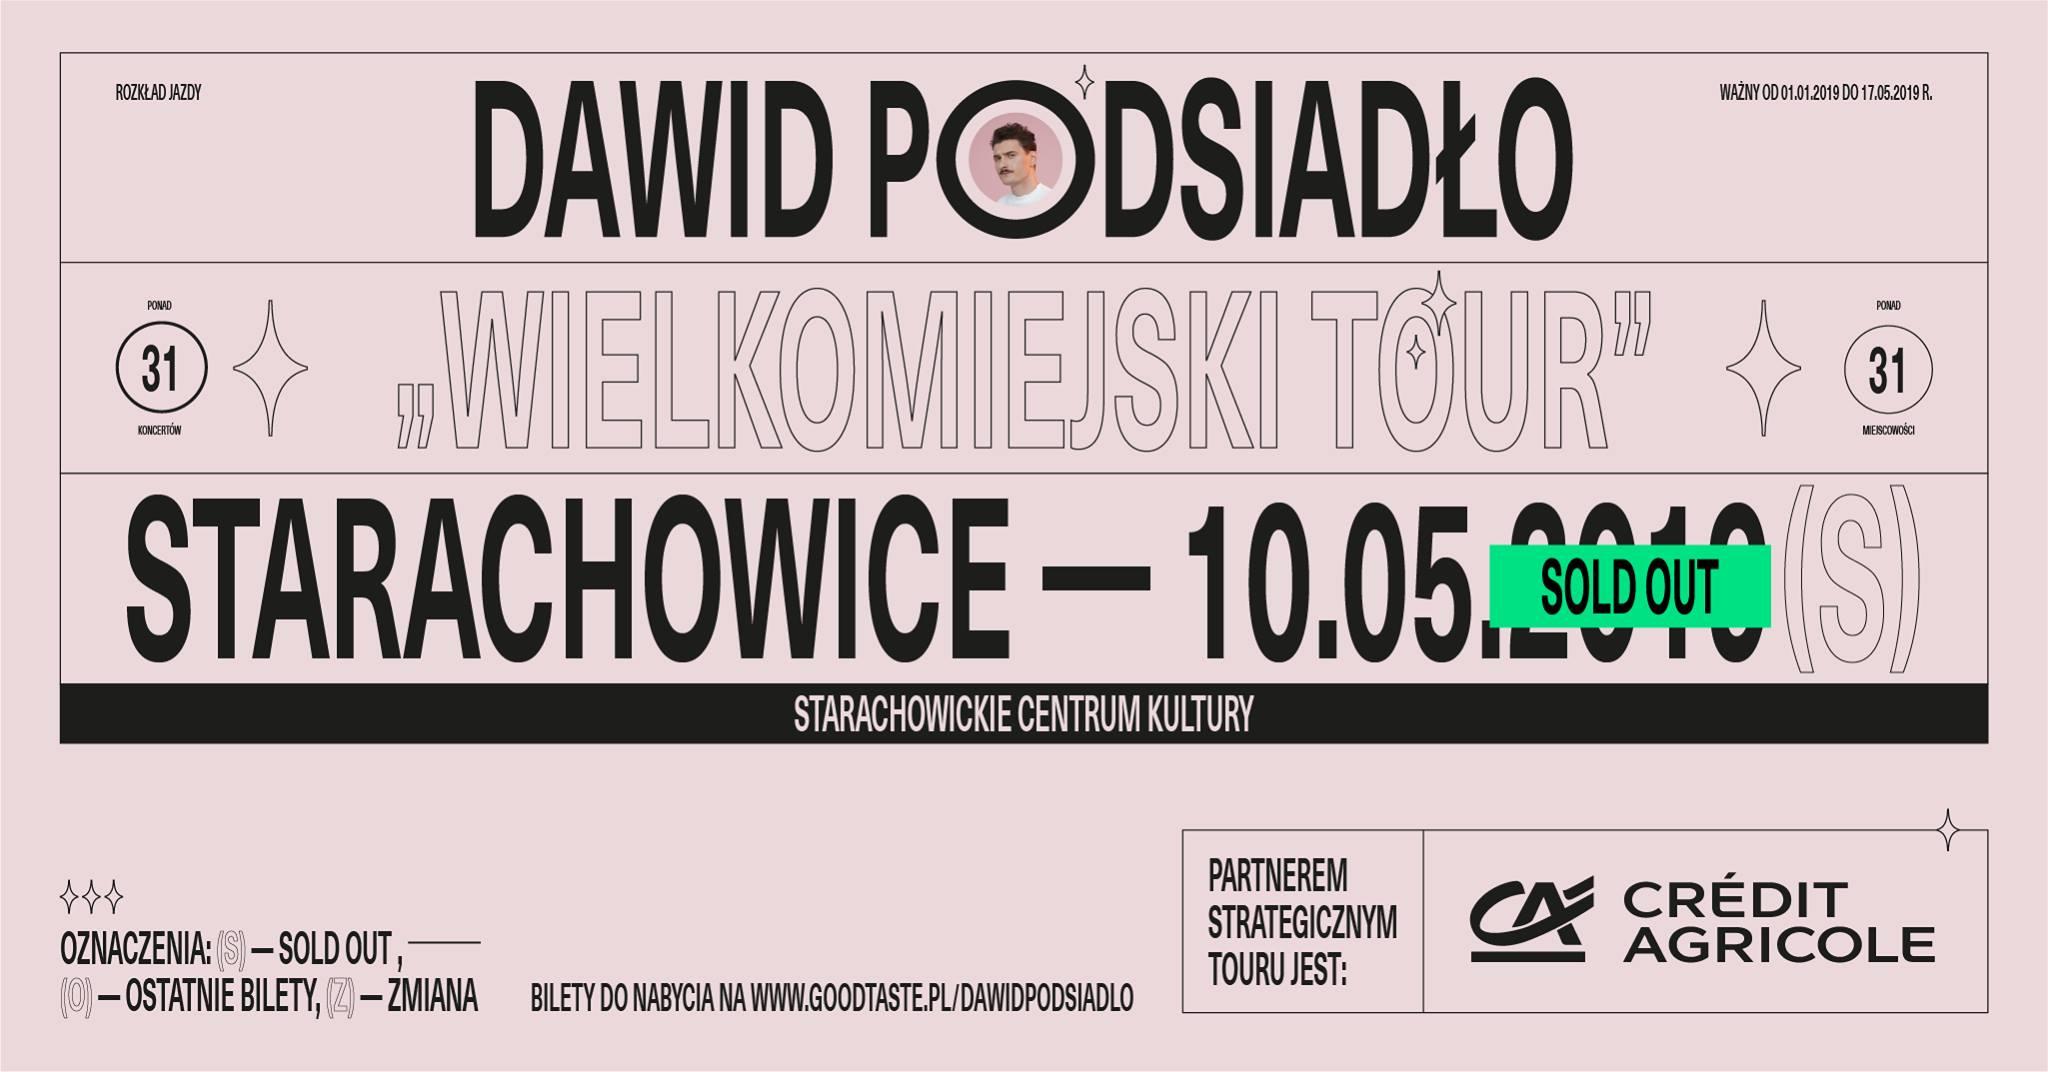 Dawid Podsiadło • Wielkomiejski Tour • Starachowice